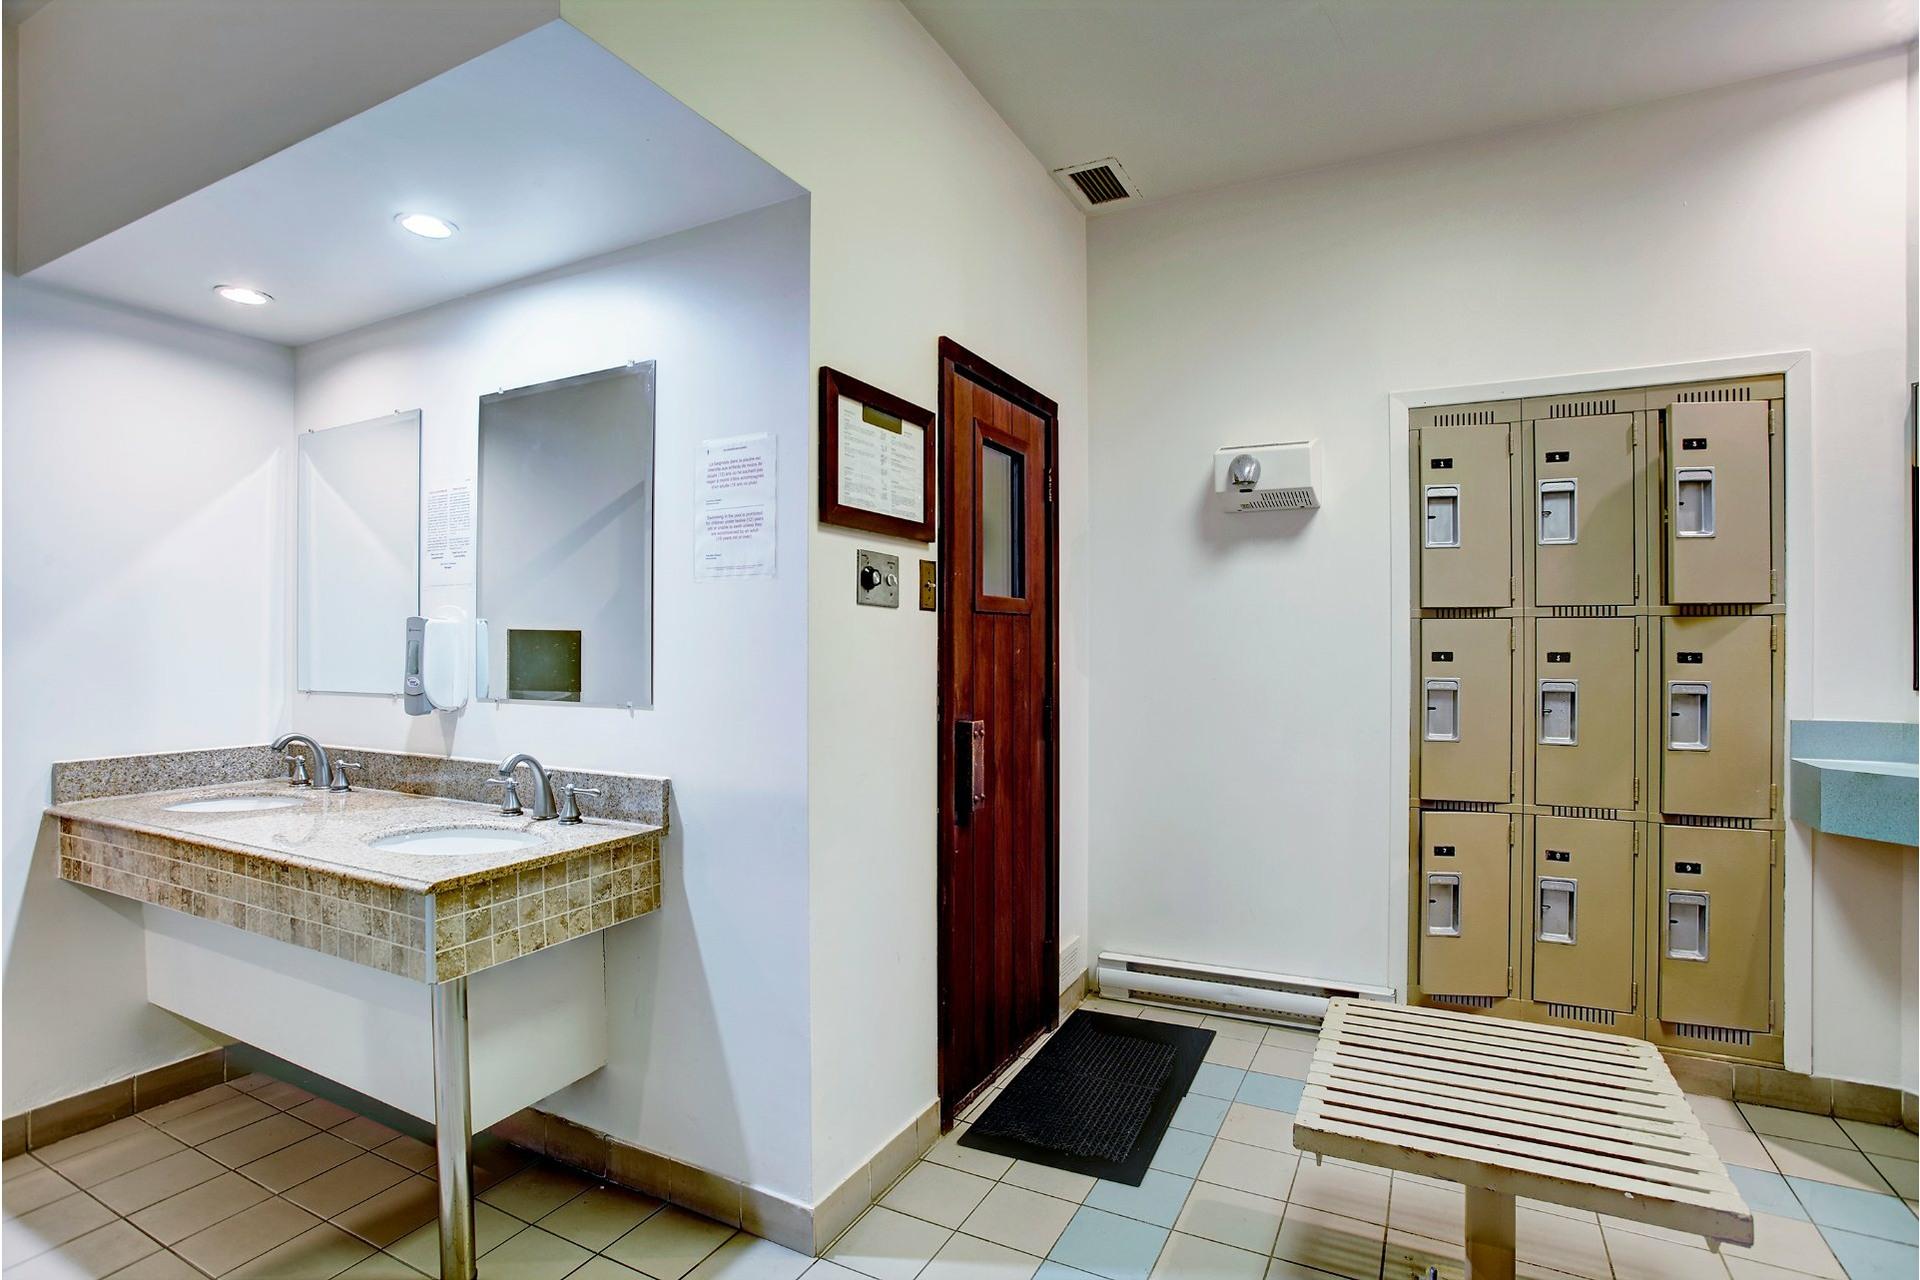 image 33 - Apartment For rent Saint-Laurent Montréal  - 8 rooms